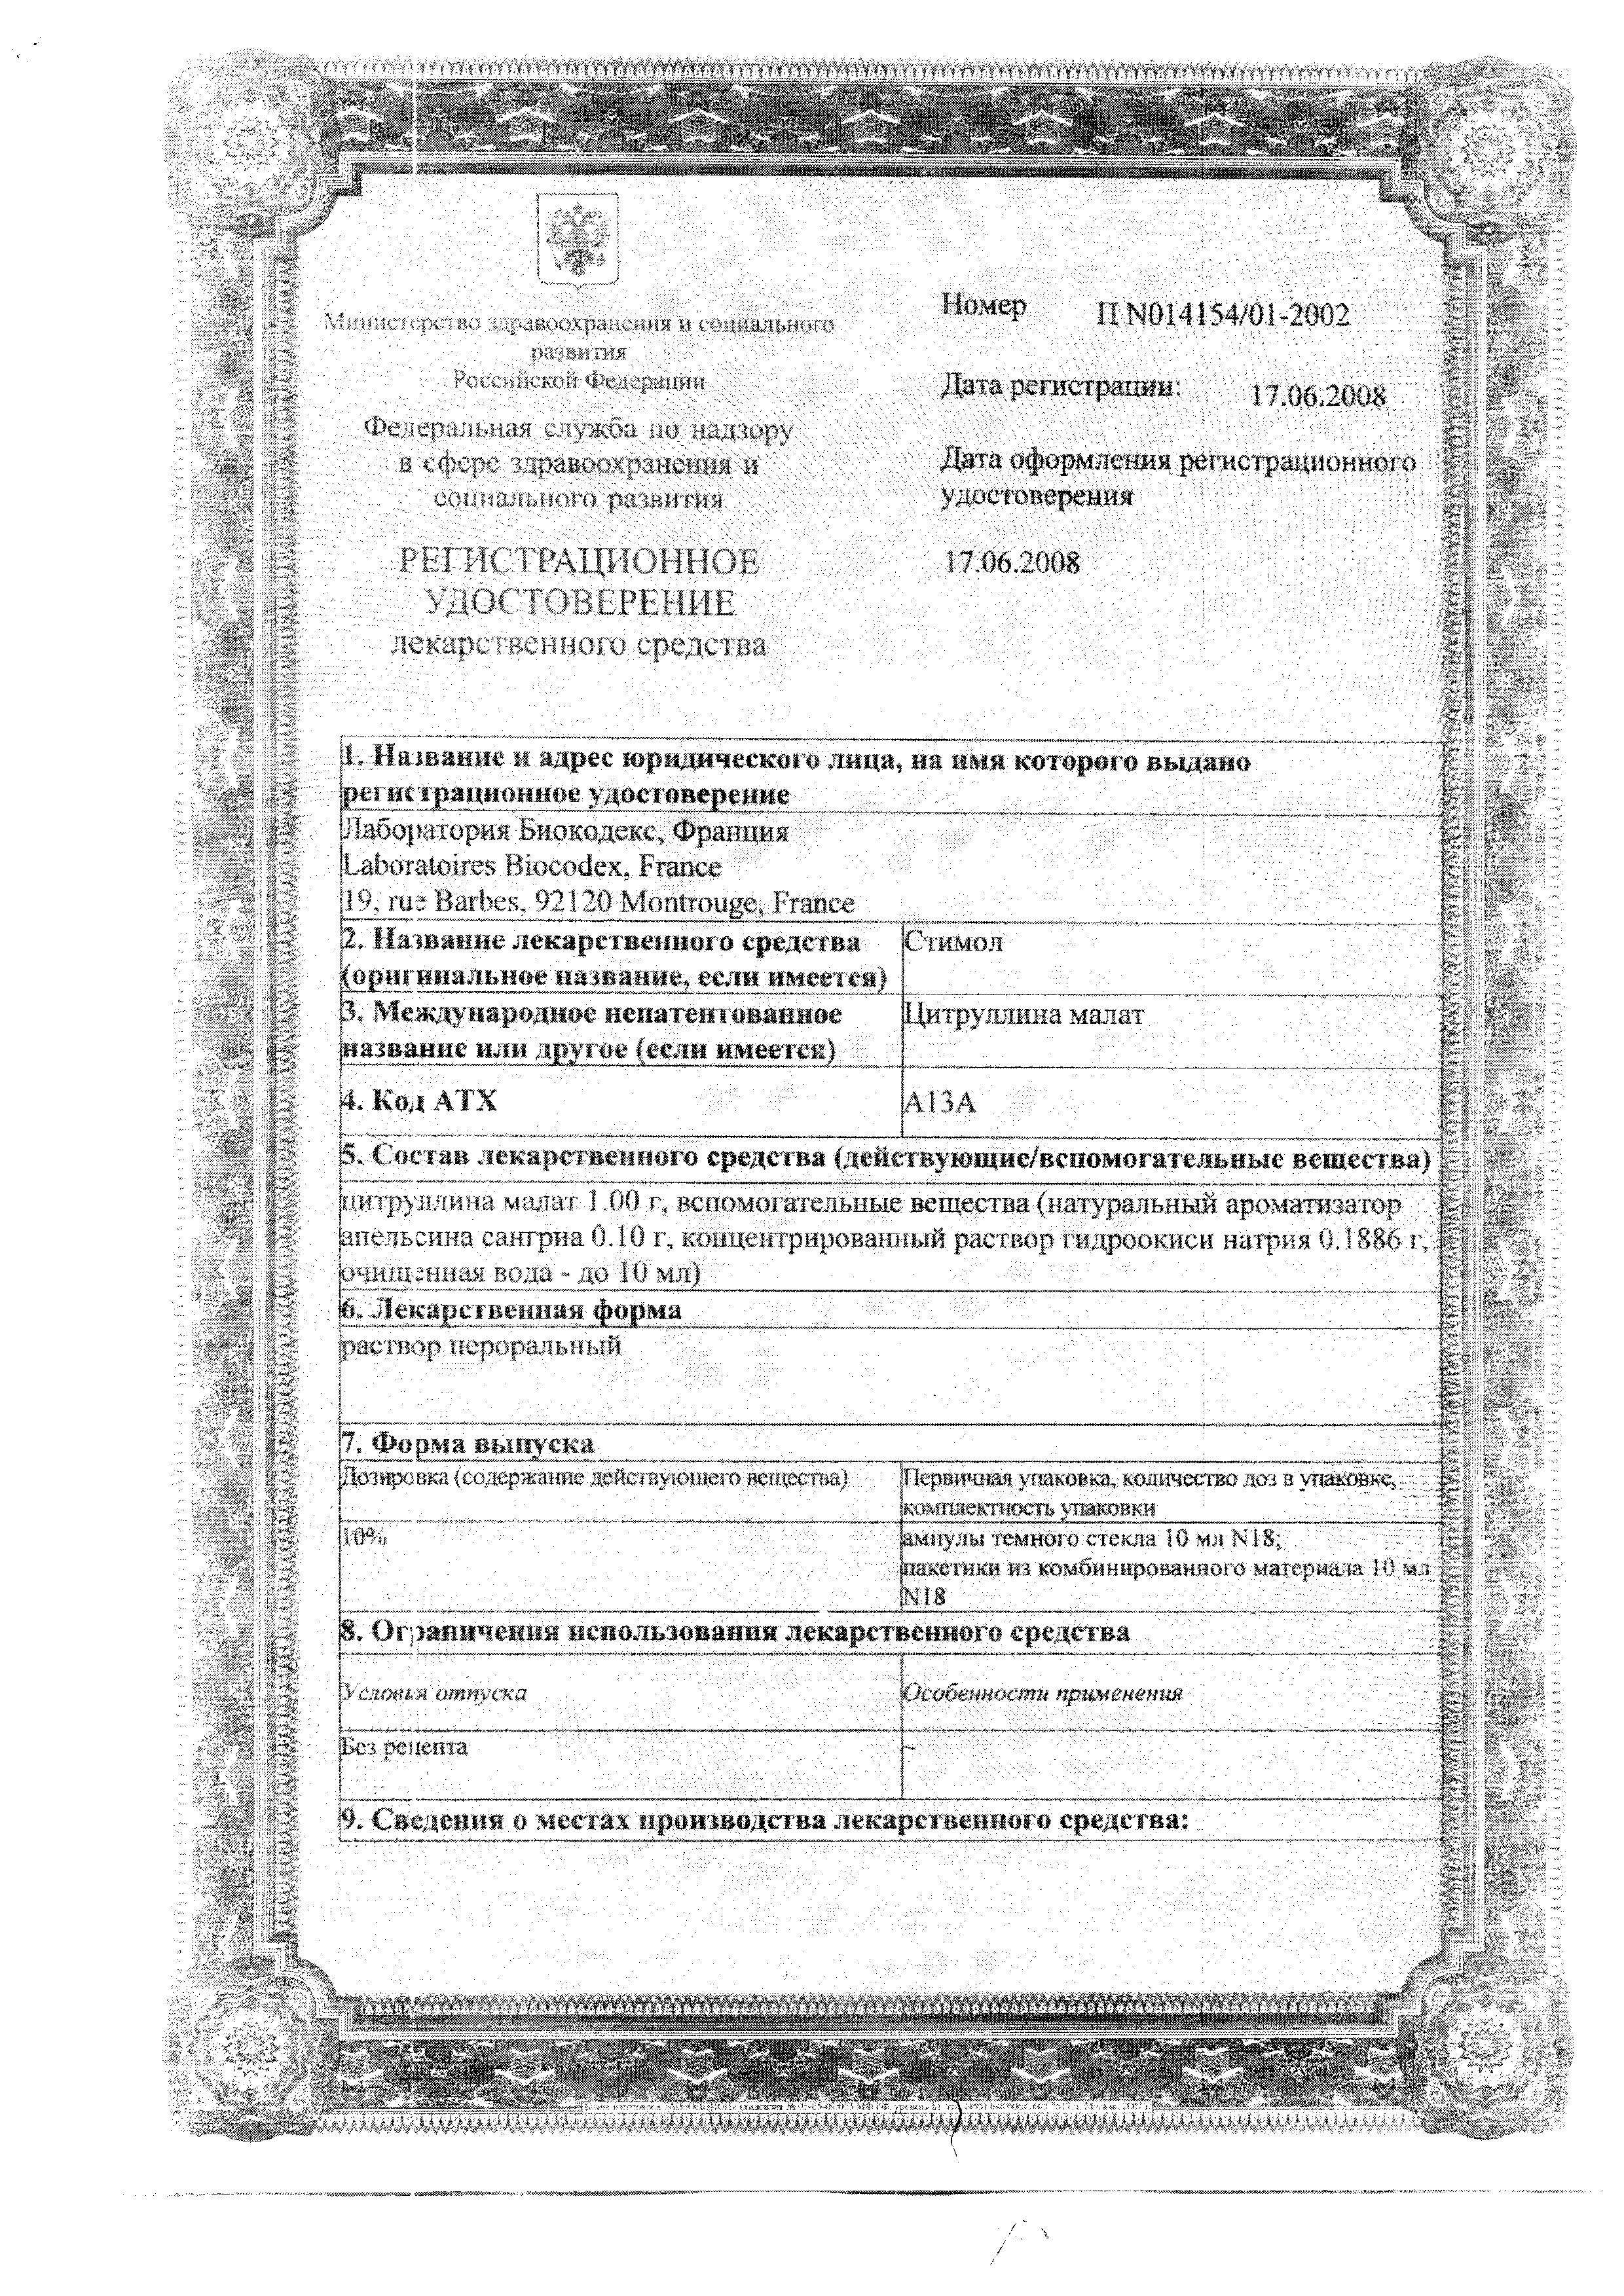 Стимол сертификат